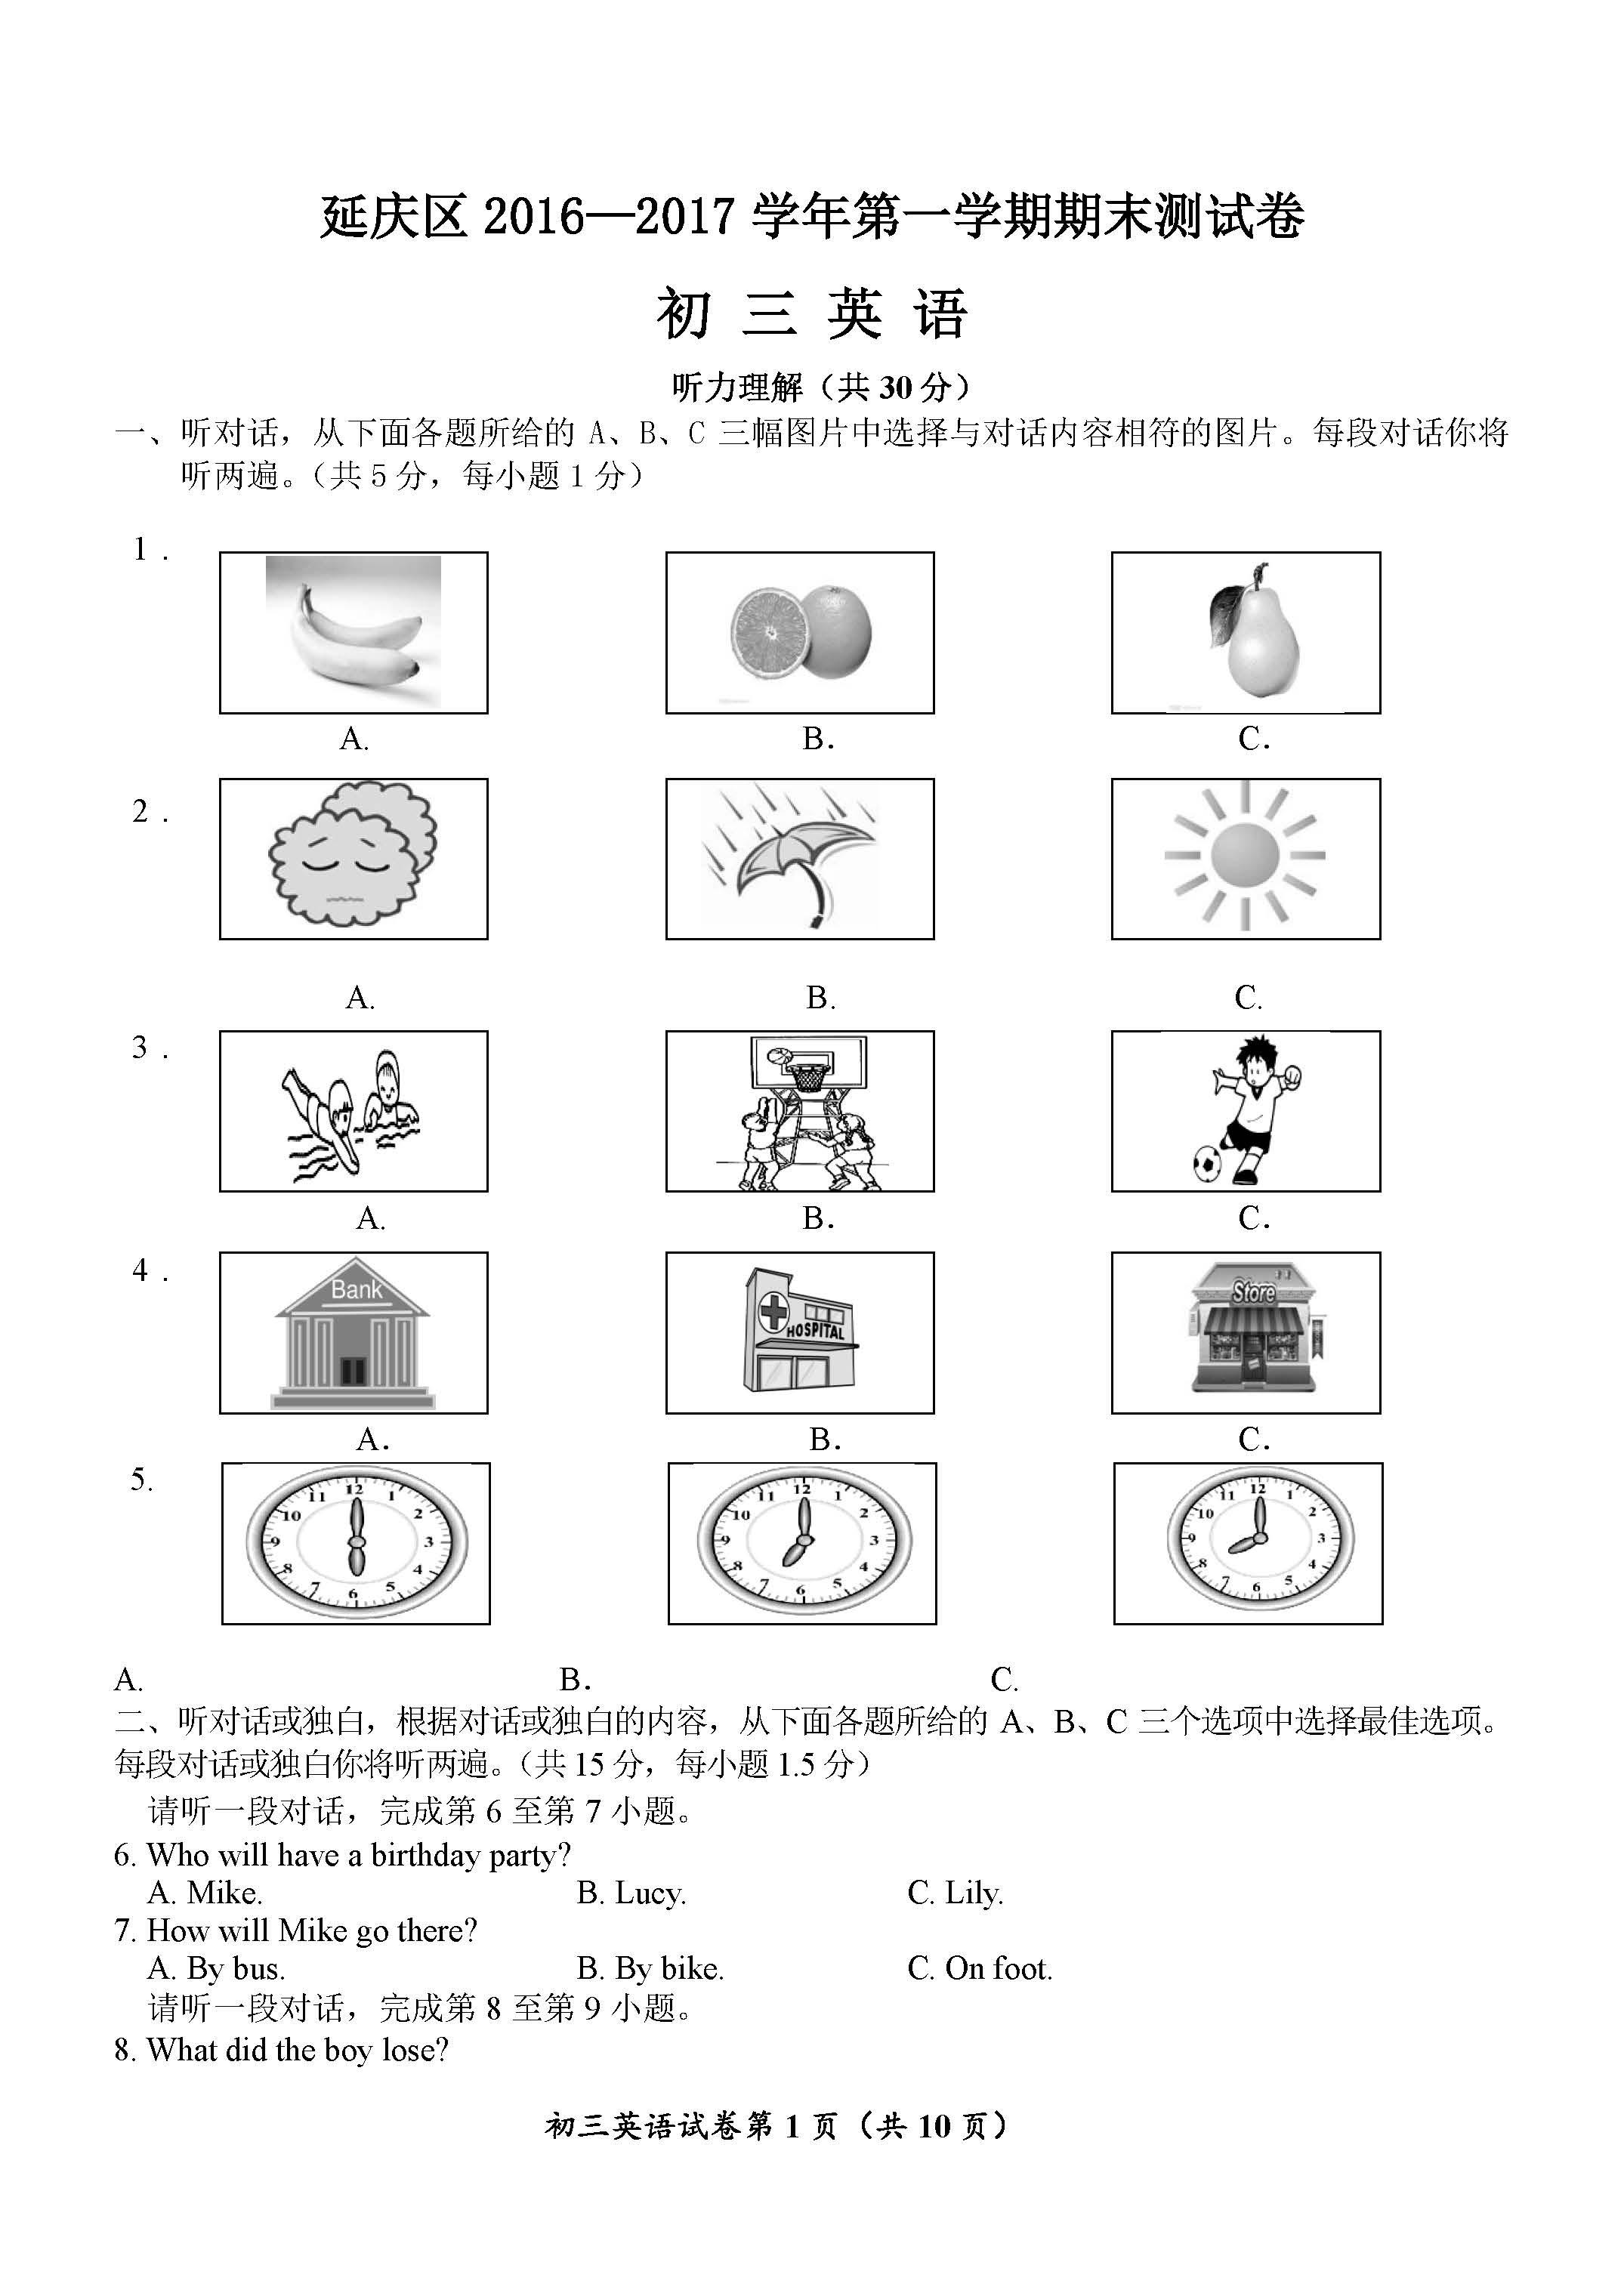 2017.1延庆初三上期末英语试题及答案(图片版)